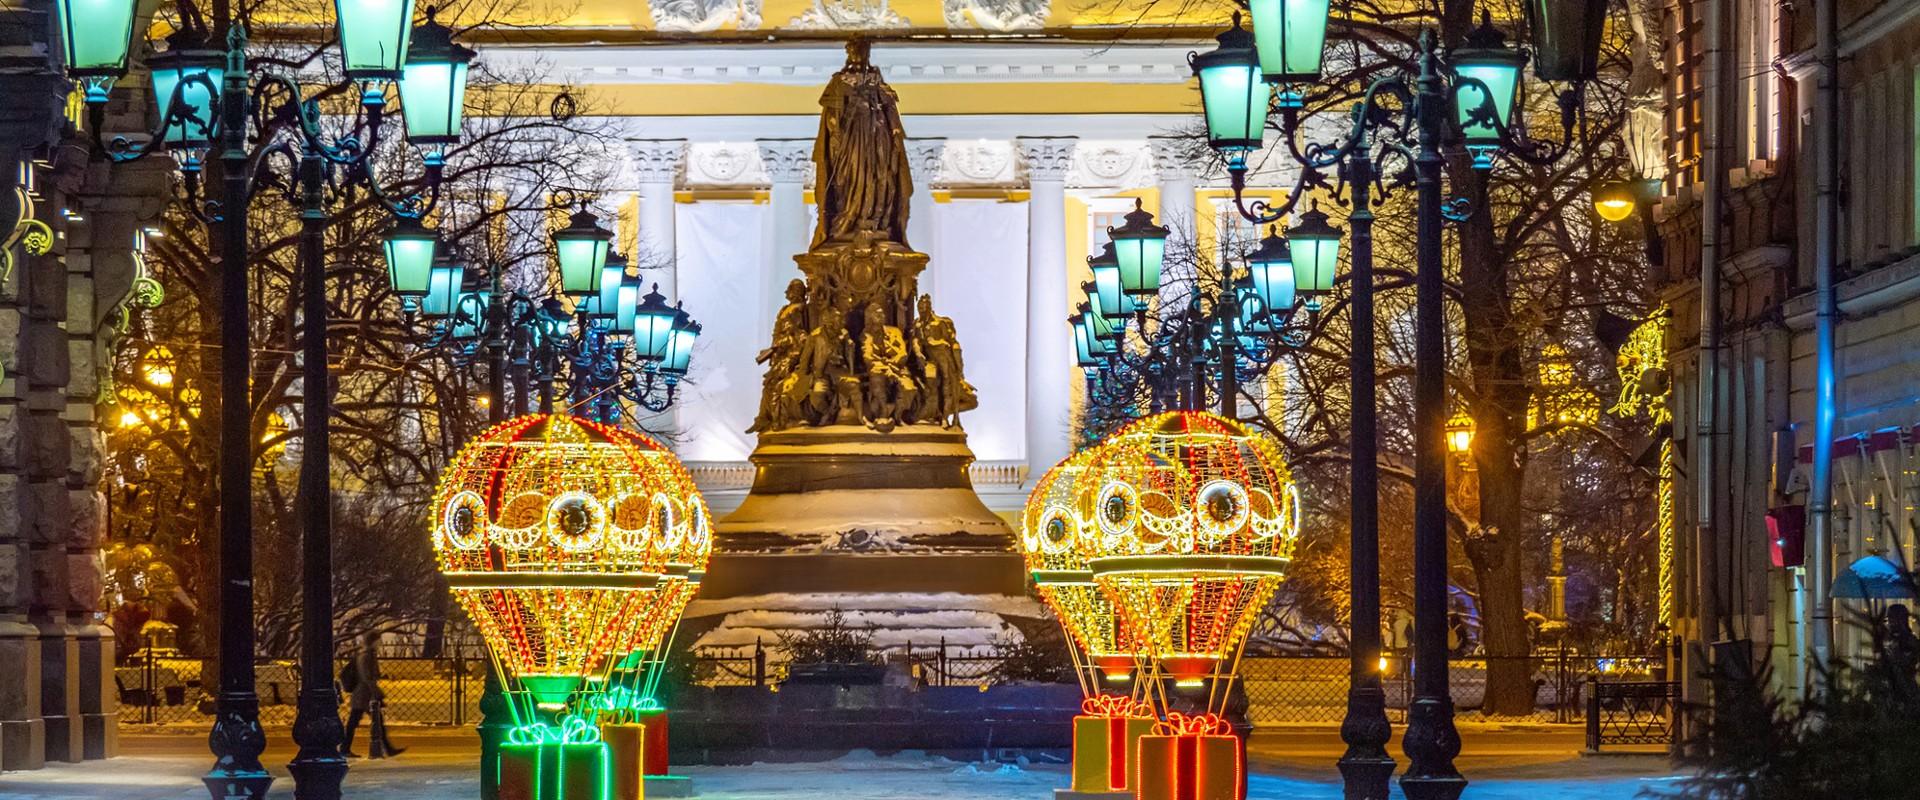 Памятник Екатерине Великой зимой в СПб